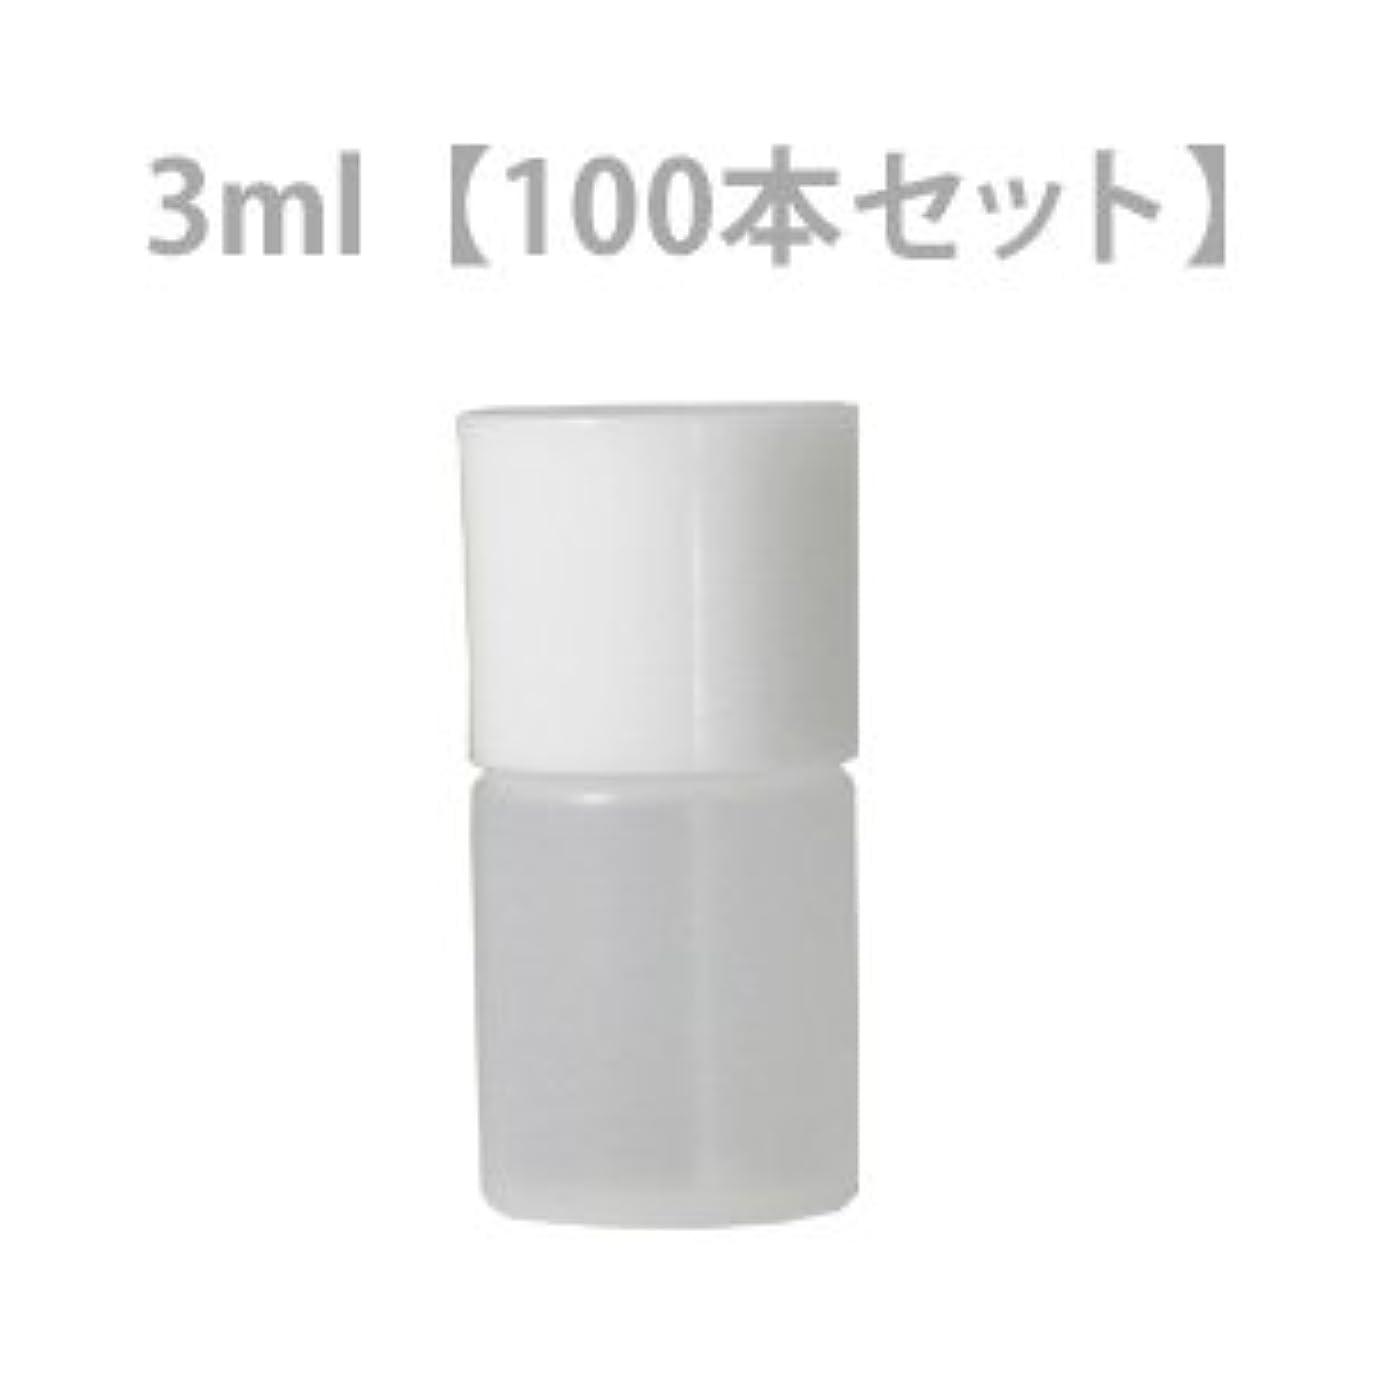 間隔ロマンス絵穴あき中栓付きミニボトル3ml 100本セット 【化粧品容器】